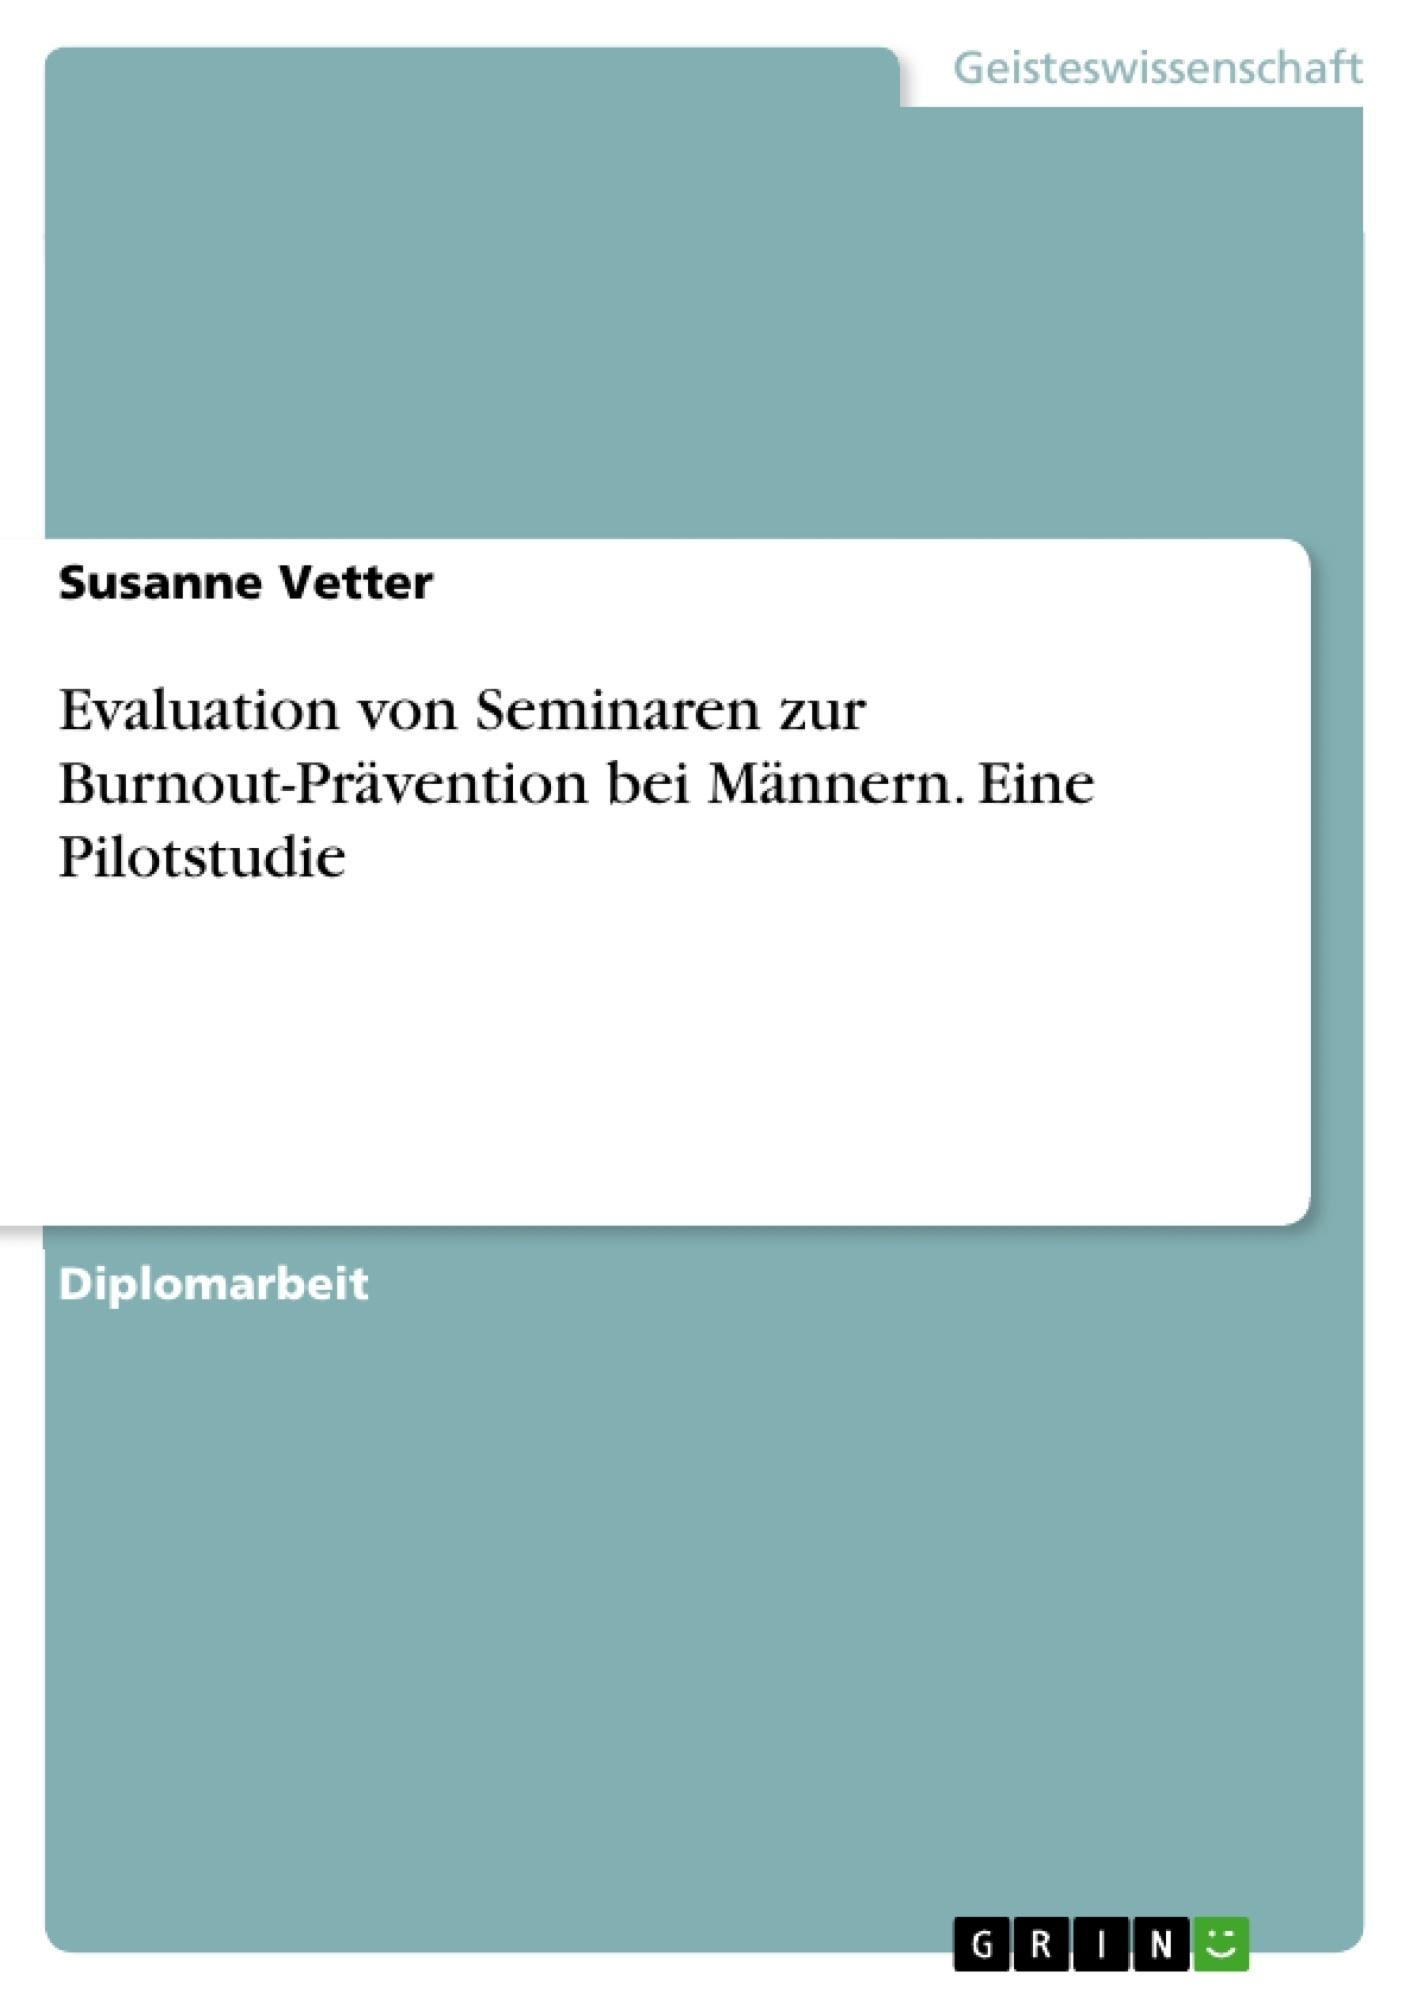 Titel: Evaluation von Seminaren zur Burnout-Prävention bei Männern. Eine Pilotstudie